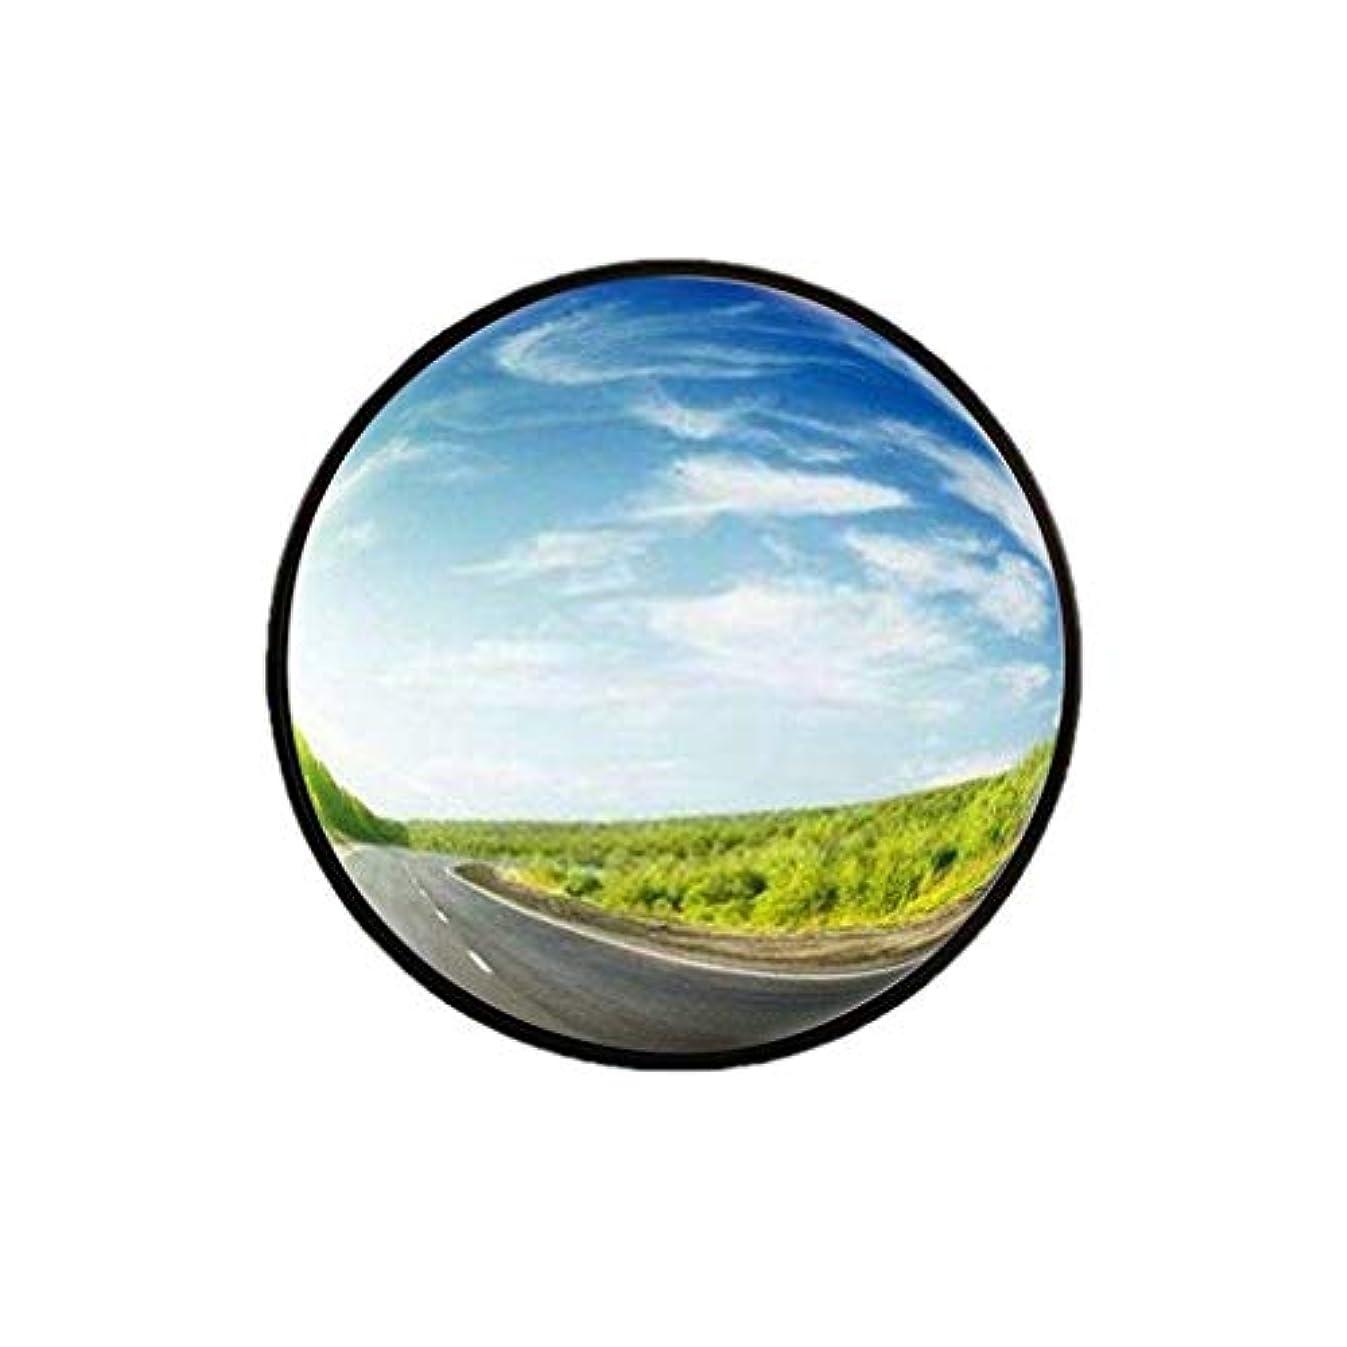 分配しますクルーズほこりっぽい-Safety Mirrors室内盗難防止ミラー、小型プラスチック広角レンズブラックポータブル凸面鏡オフィスウェアハウスブラインドスポットミラー30-60CM(サイズ:45CM)